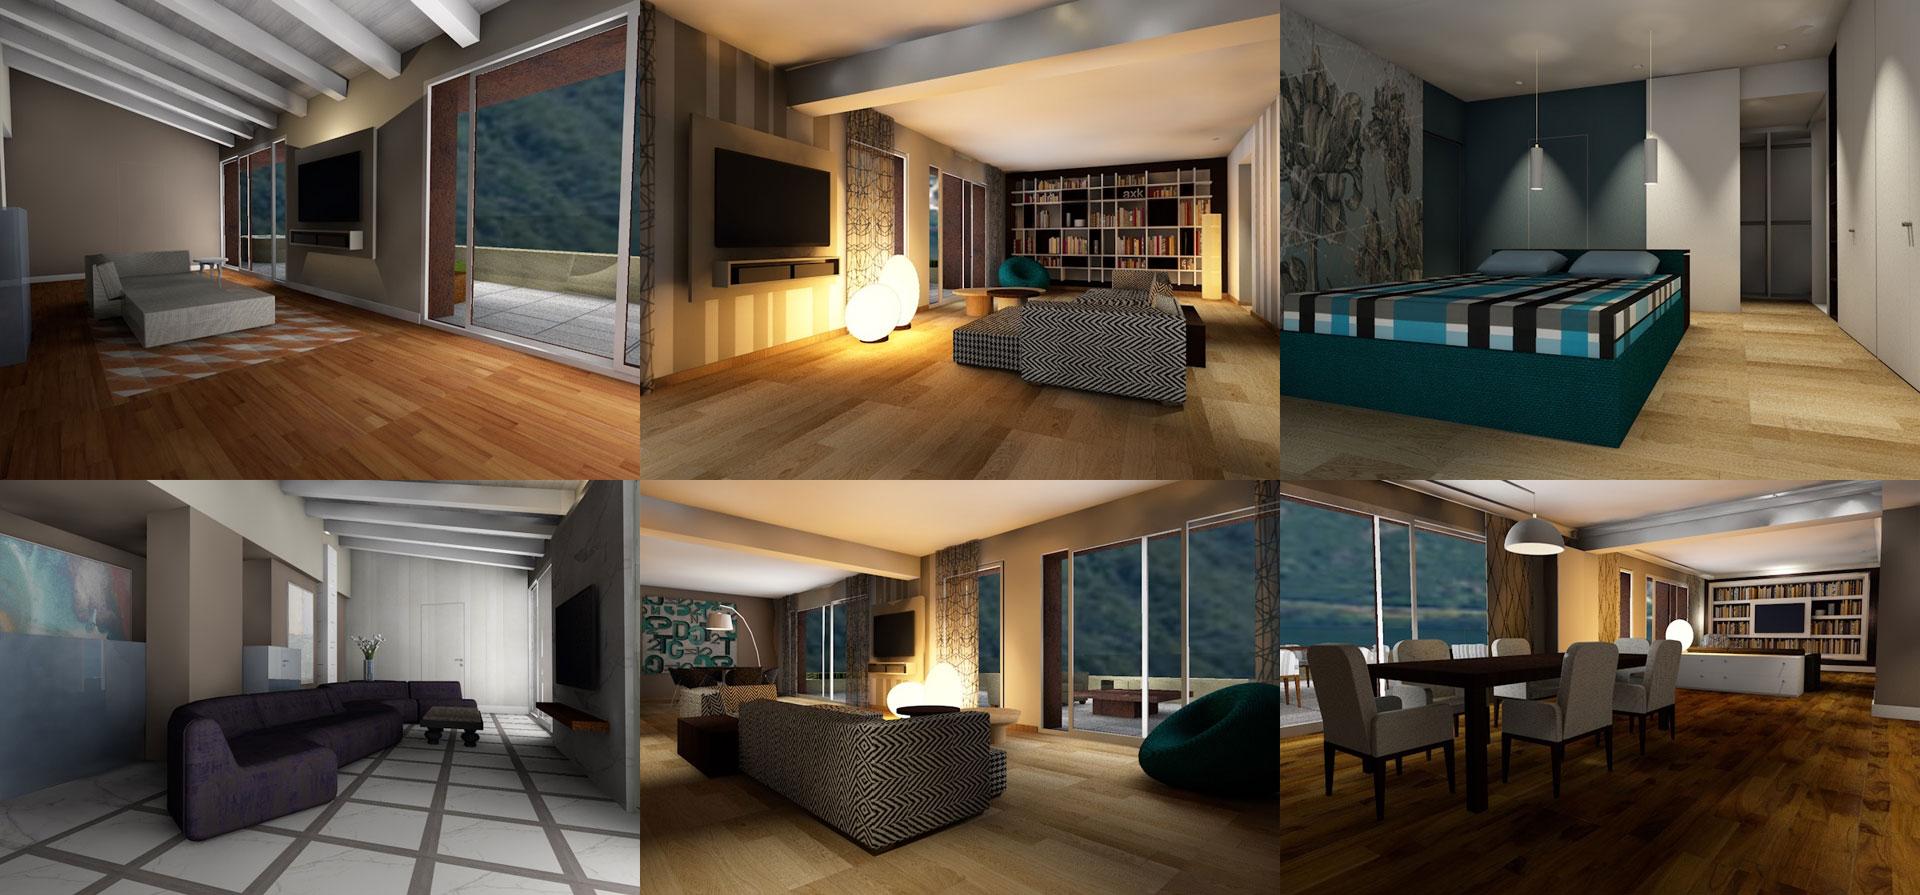 Maison du charme progettazione interni e vendita for Design interni appartamenti